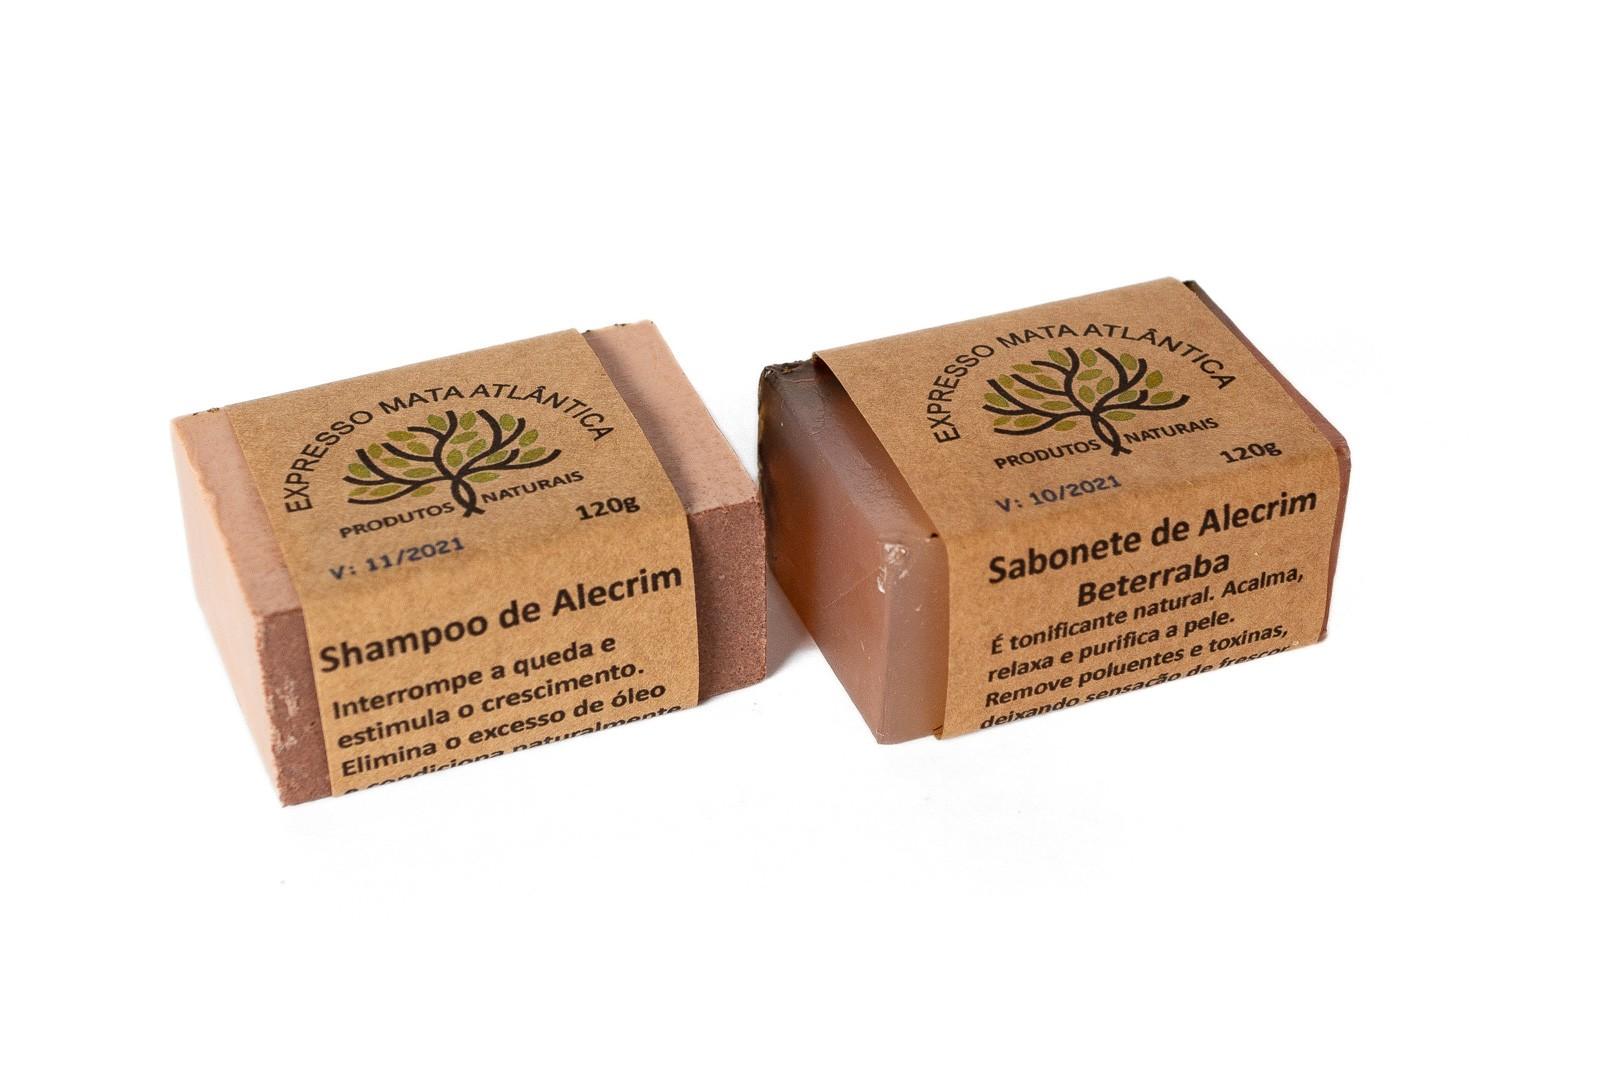 Shampoo barra e Sabonete Veganos Naturais Alecrim da Expresso Mata Atlântica